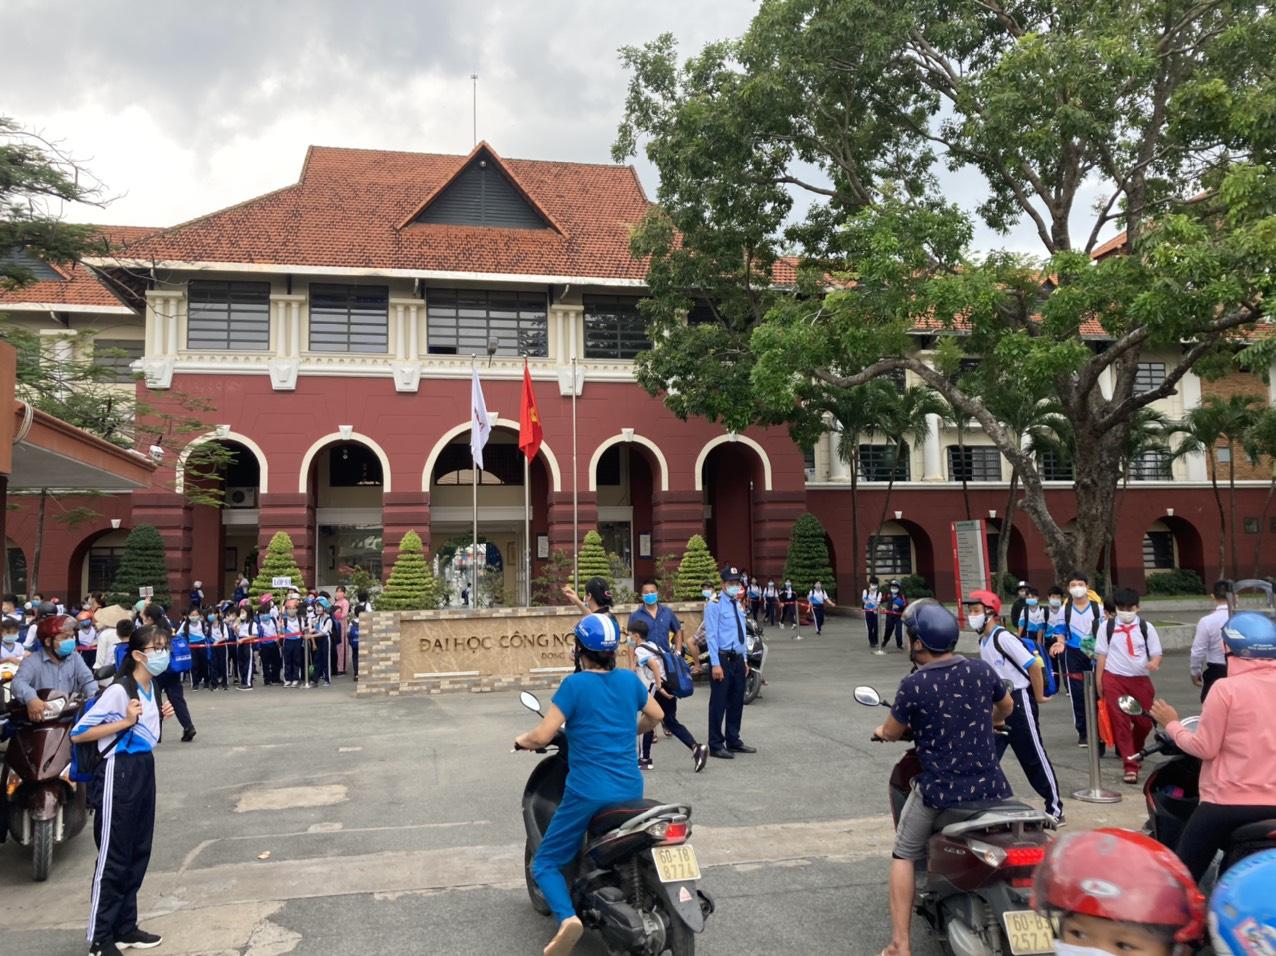 Cấm thì cấm, một trường ở Biên Hòa vẫn bắt 800 học sinh đi học - Ảnh 2.